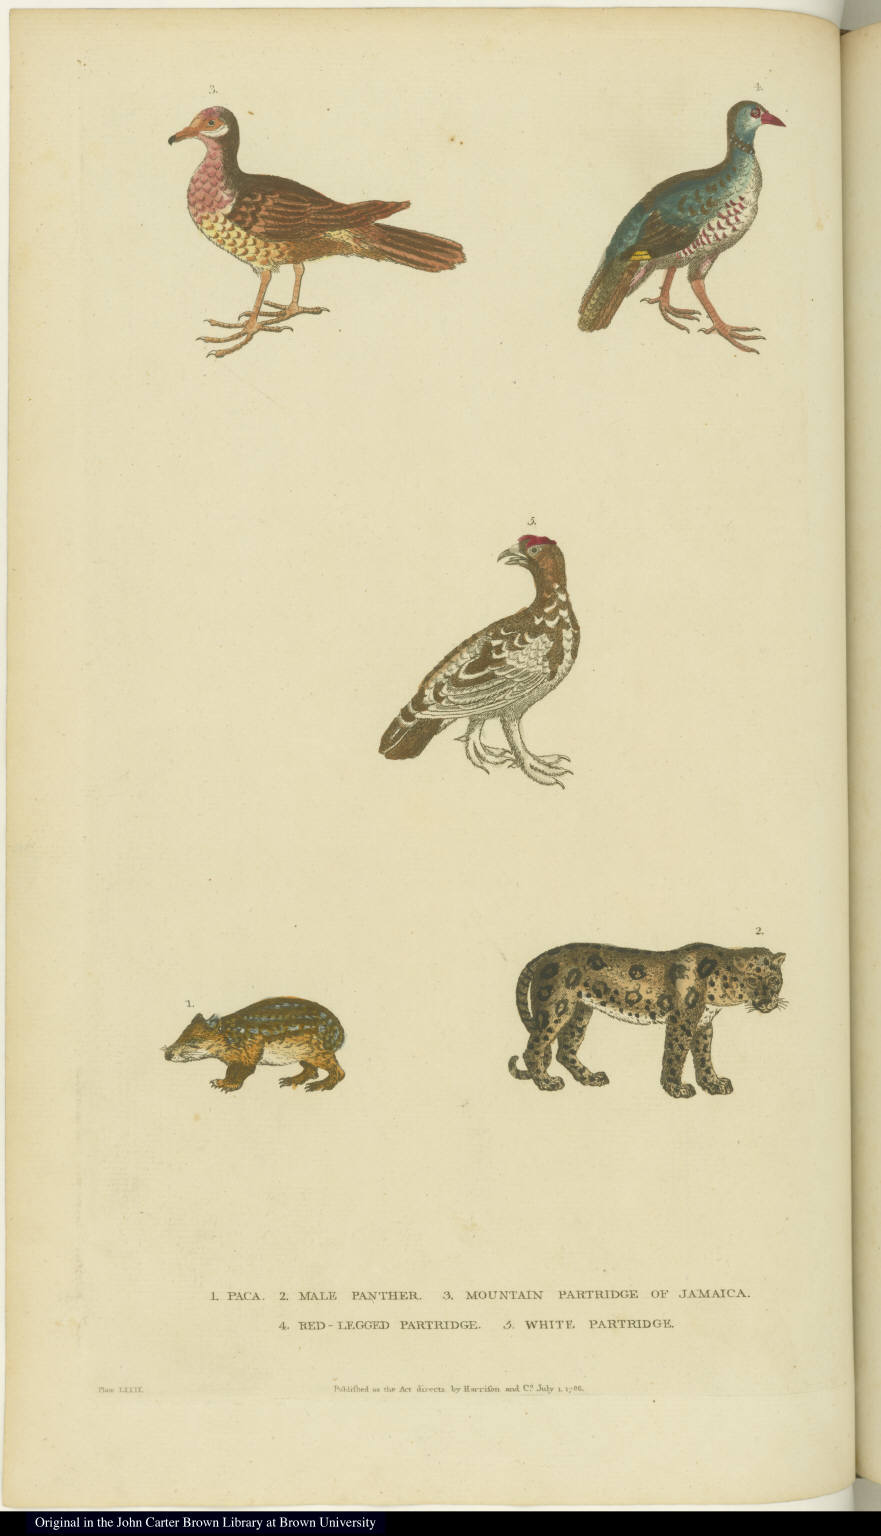 [Various birds, a paca, and a panther]